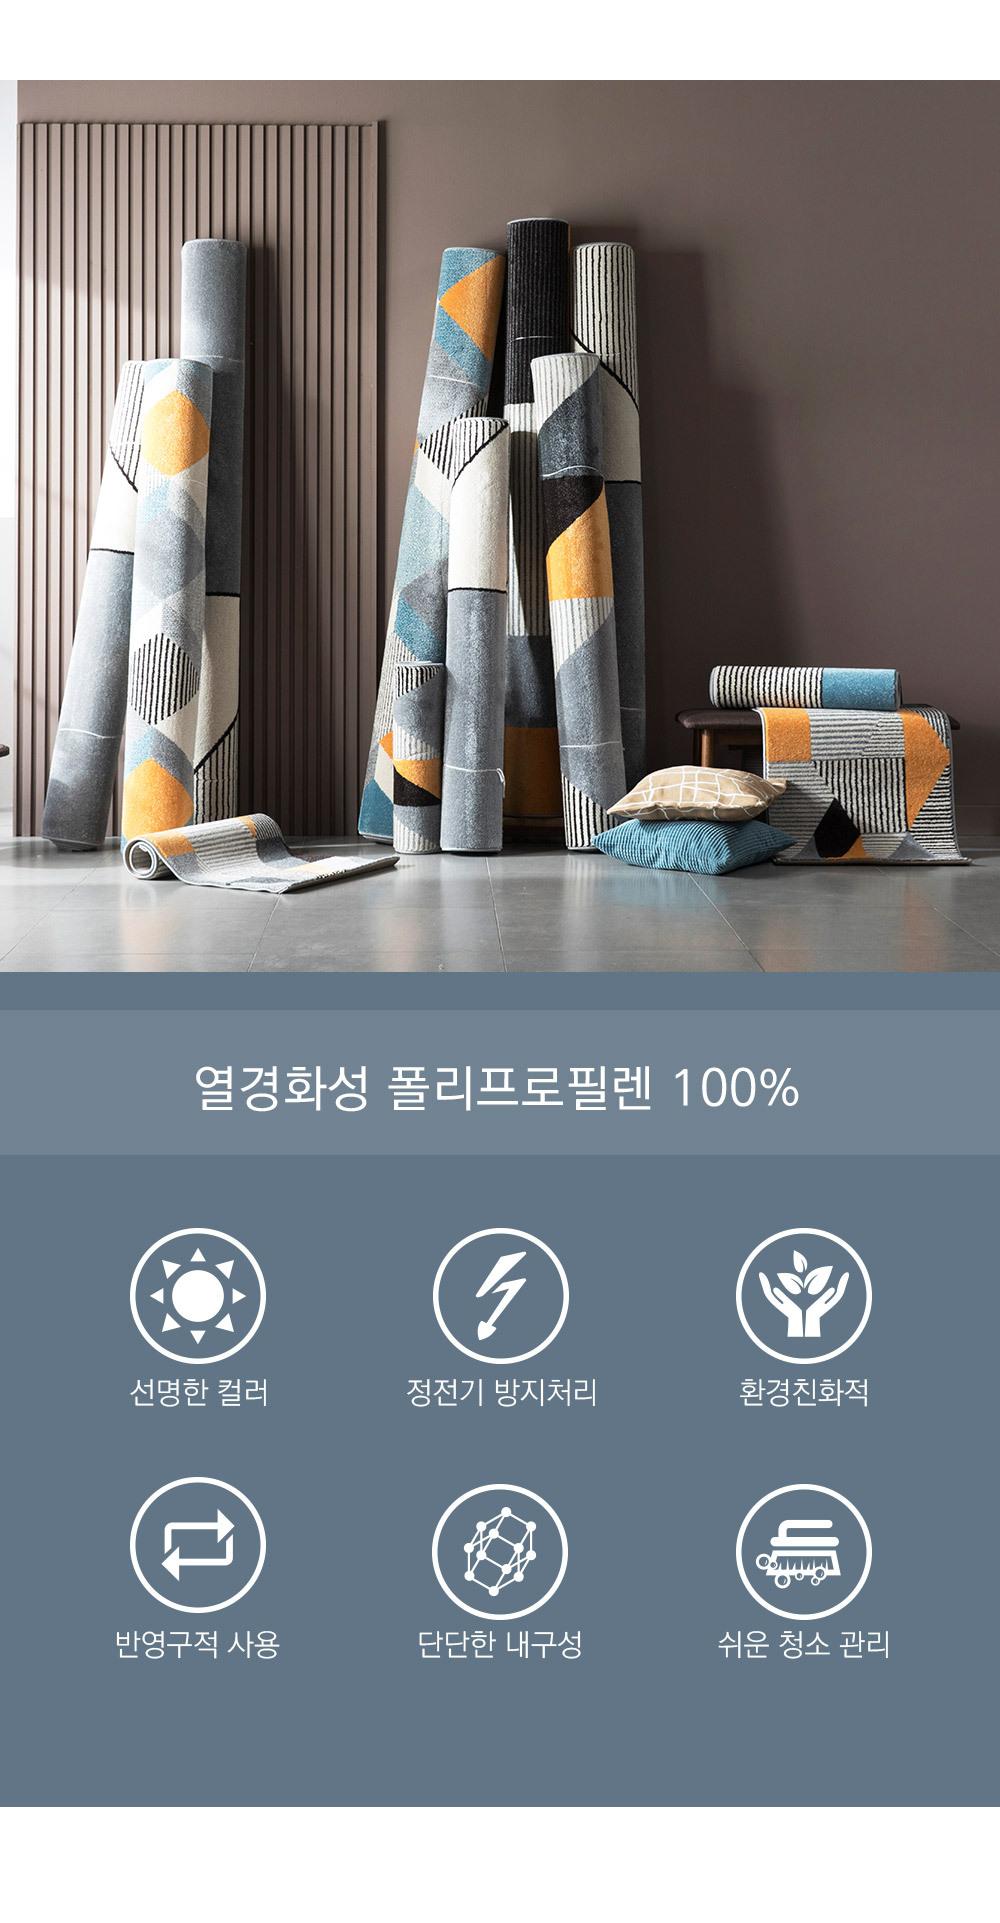 노블리사 러그 특징 - 열경화성 폴리프로필렌 100%, 컬러선명, 정전기방지, 친환경, 반영구적, 단단한 내구성, 쉬운청소관리